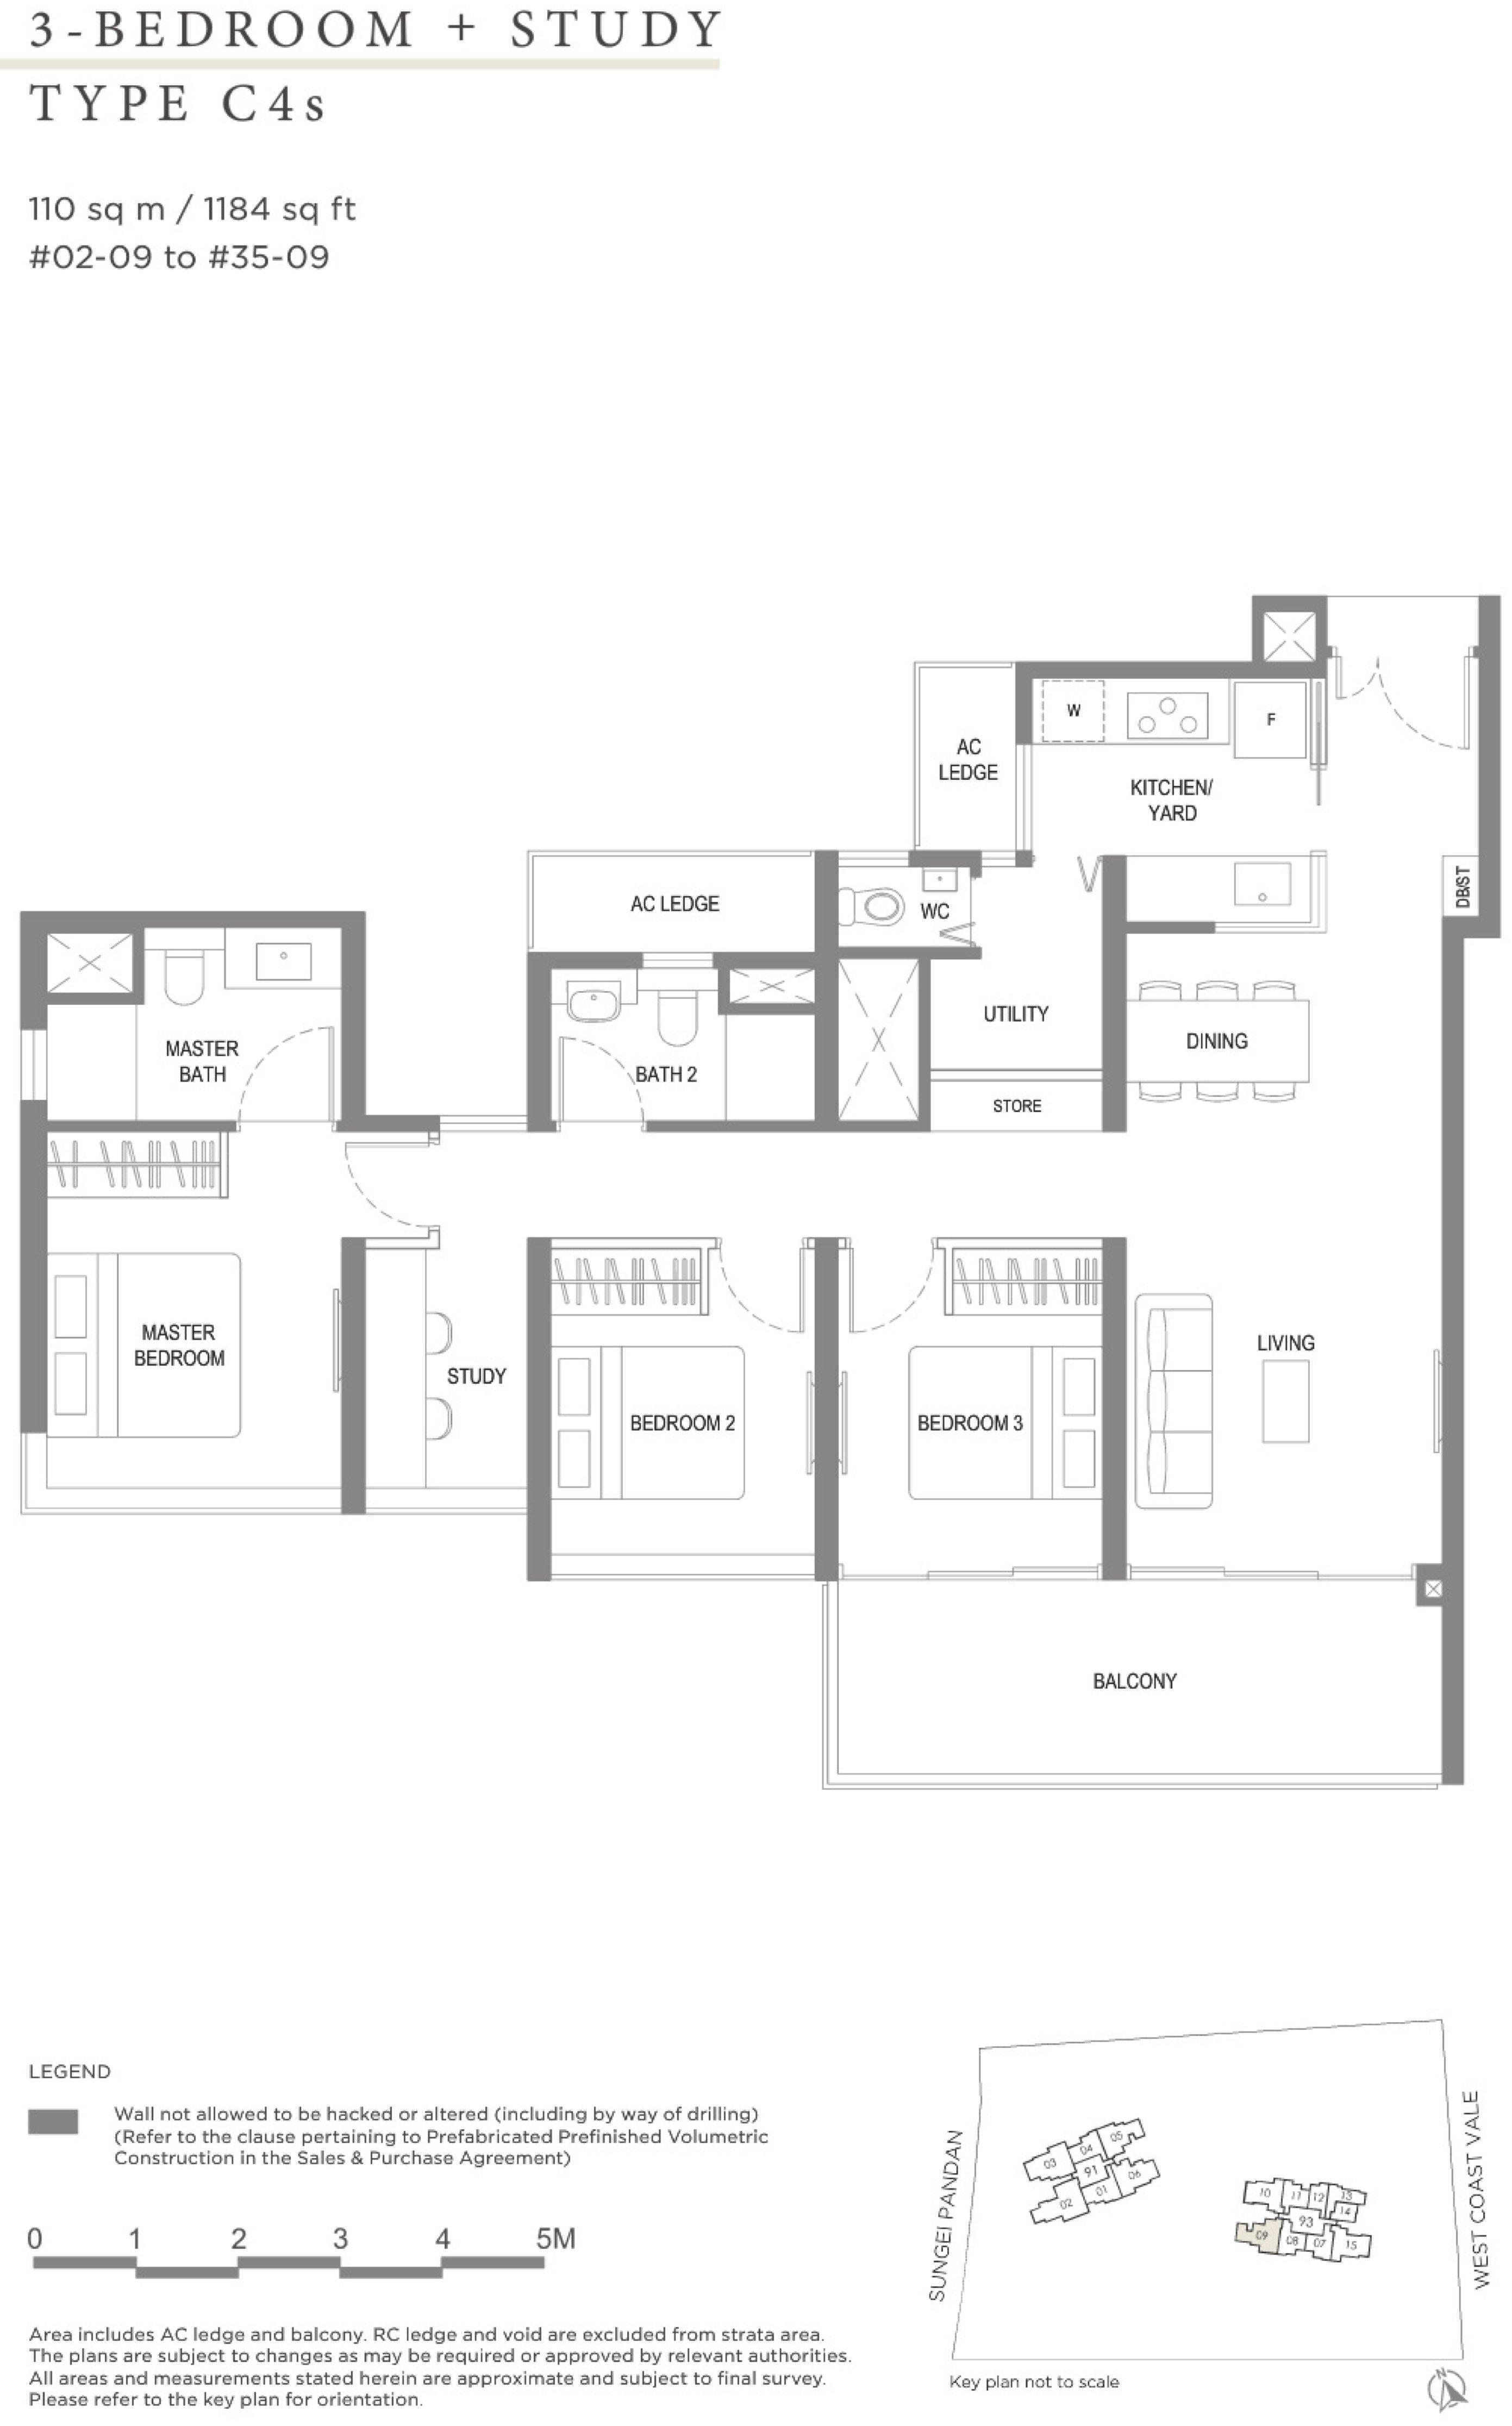 Twin VEW 3 bedroom study C4s floor plan